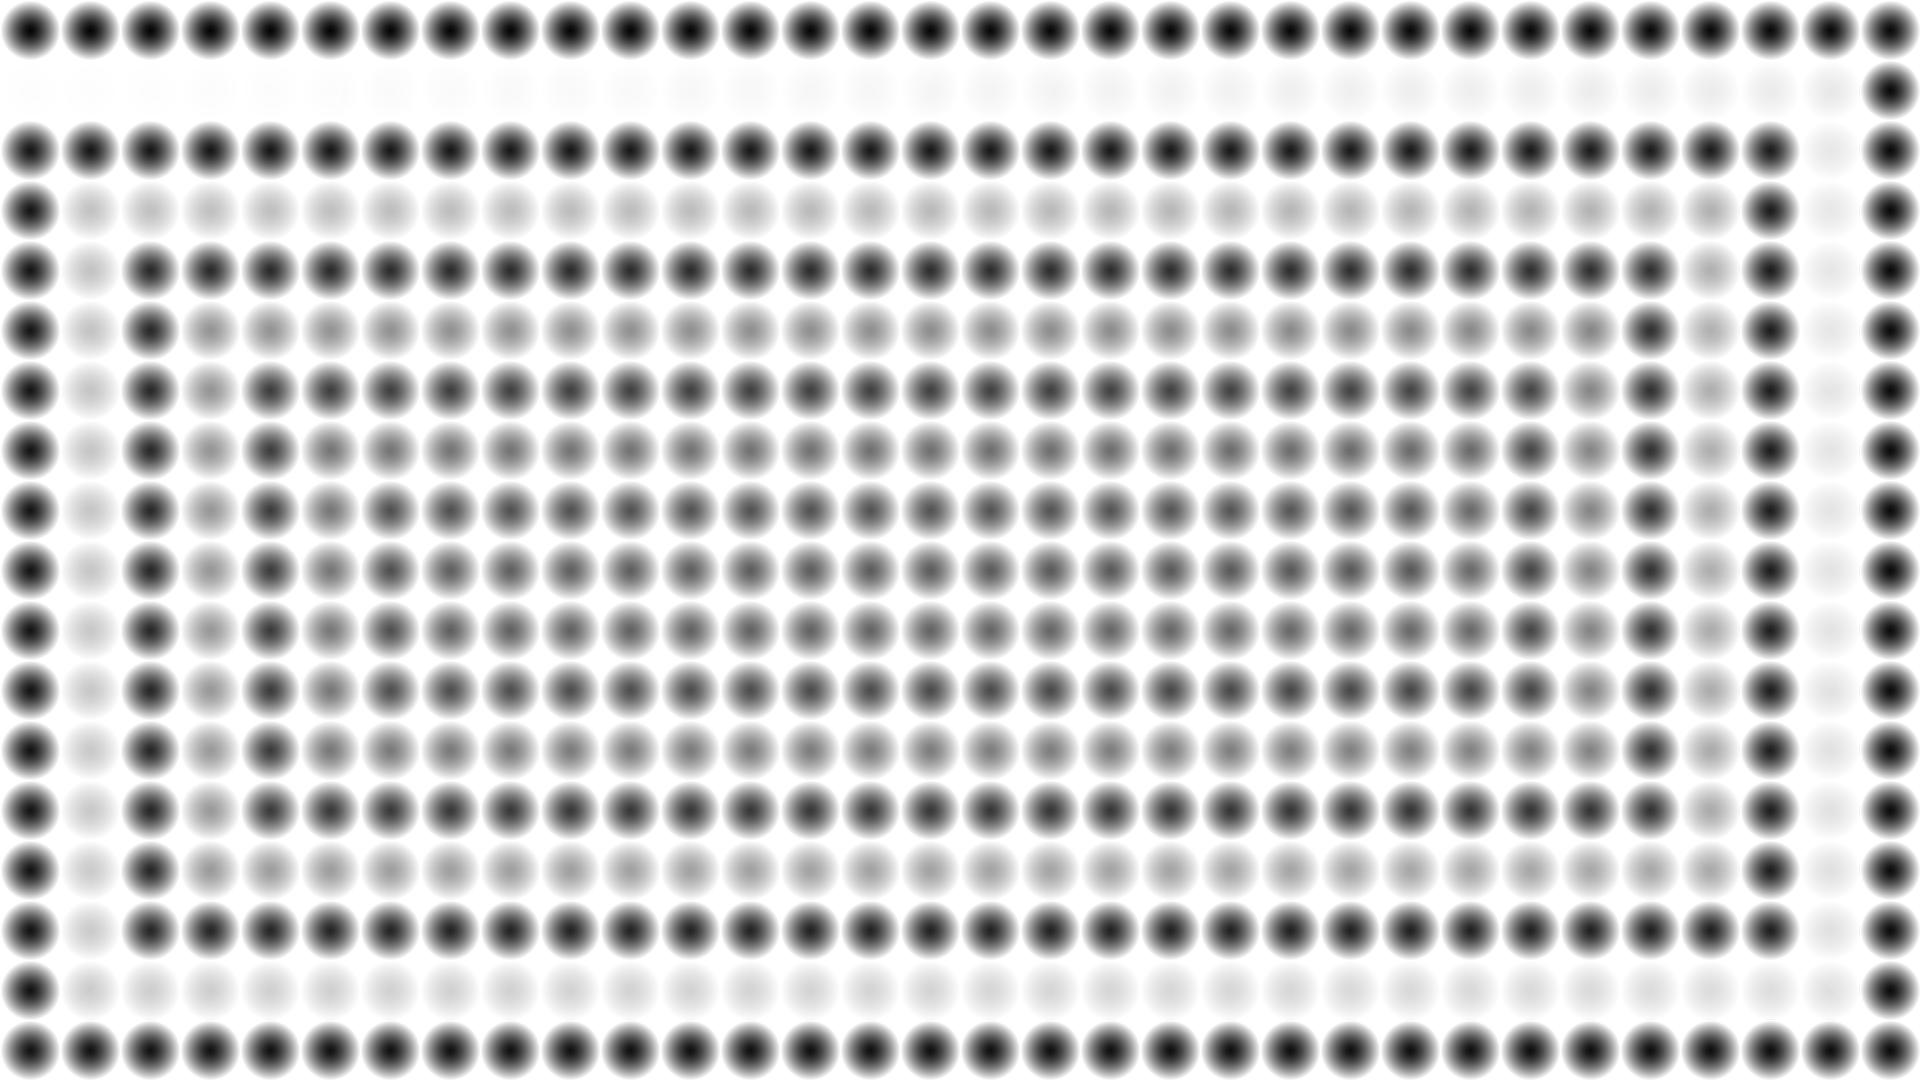 1080p_rule11_5